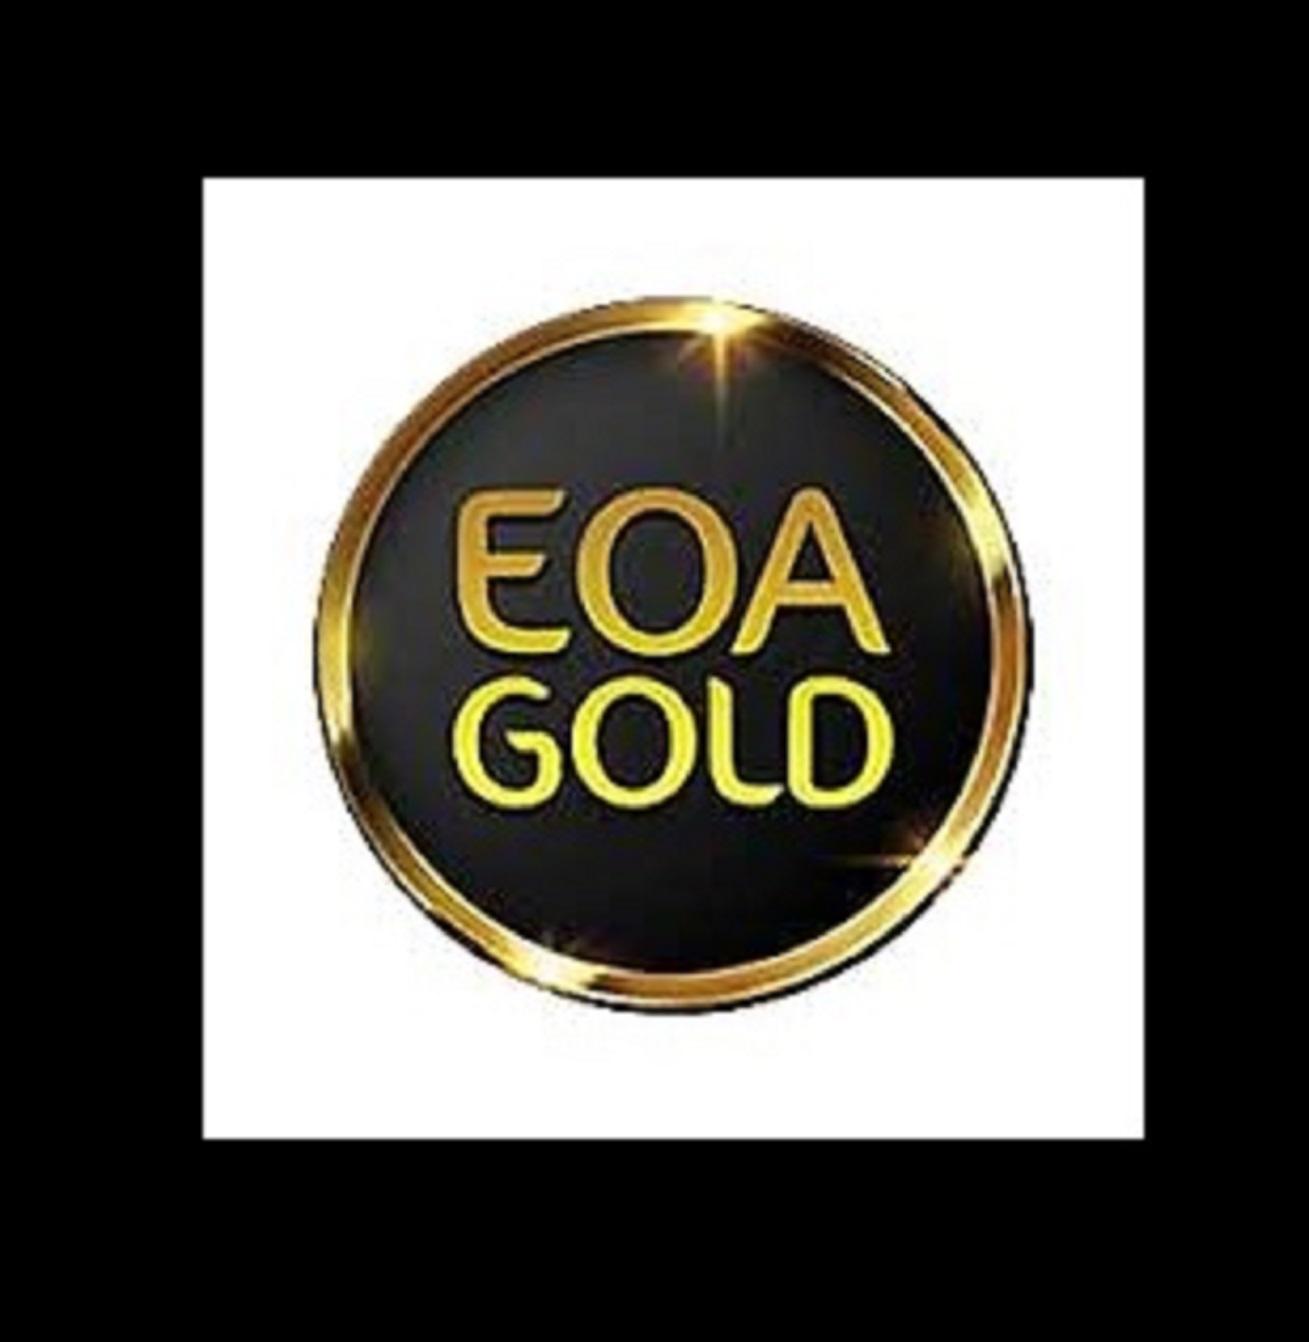 cara investasi emas eoa gold